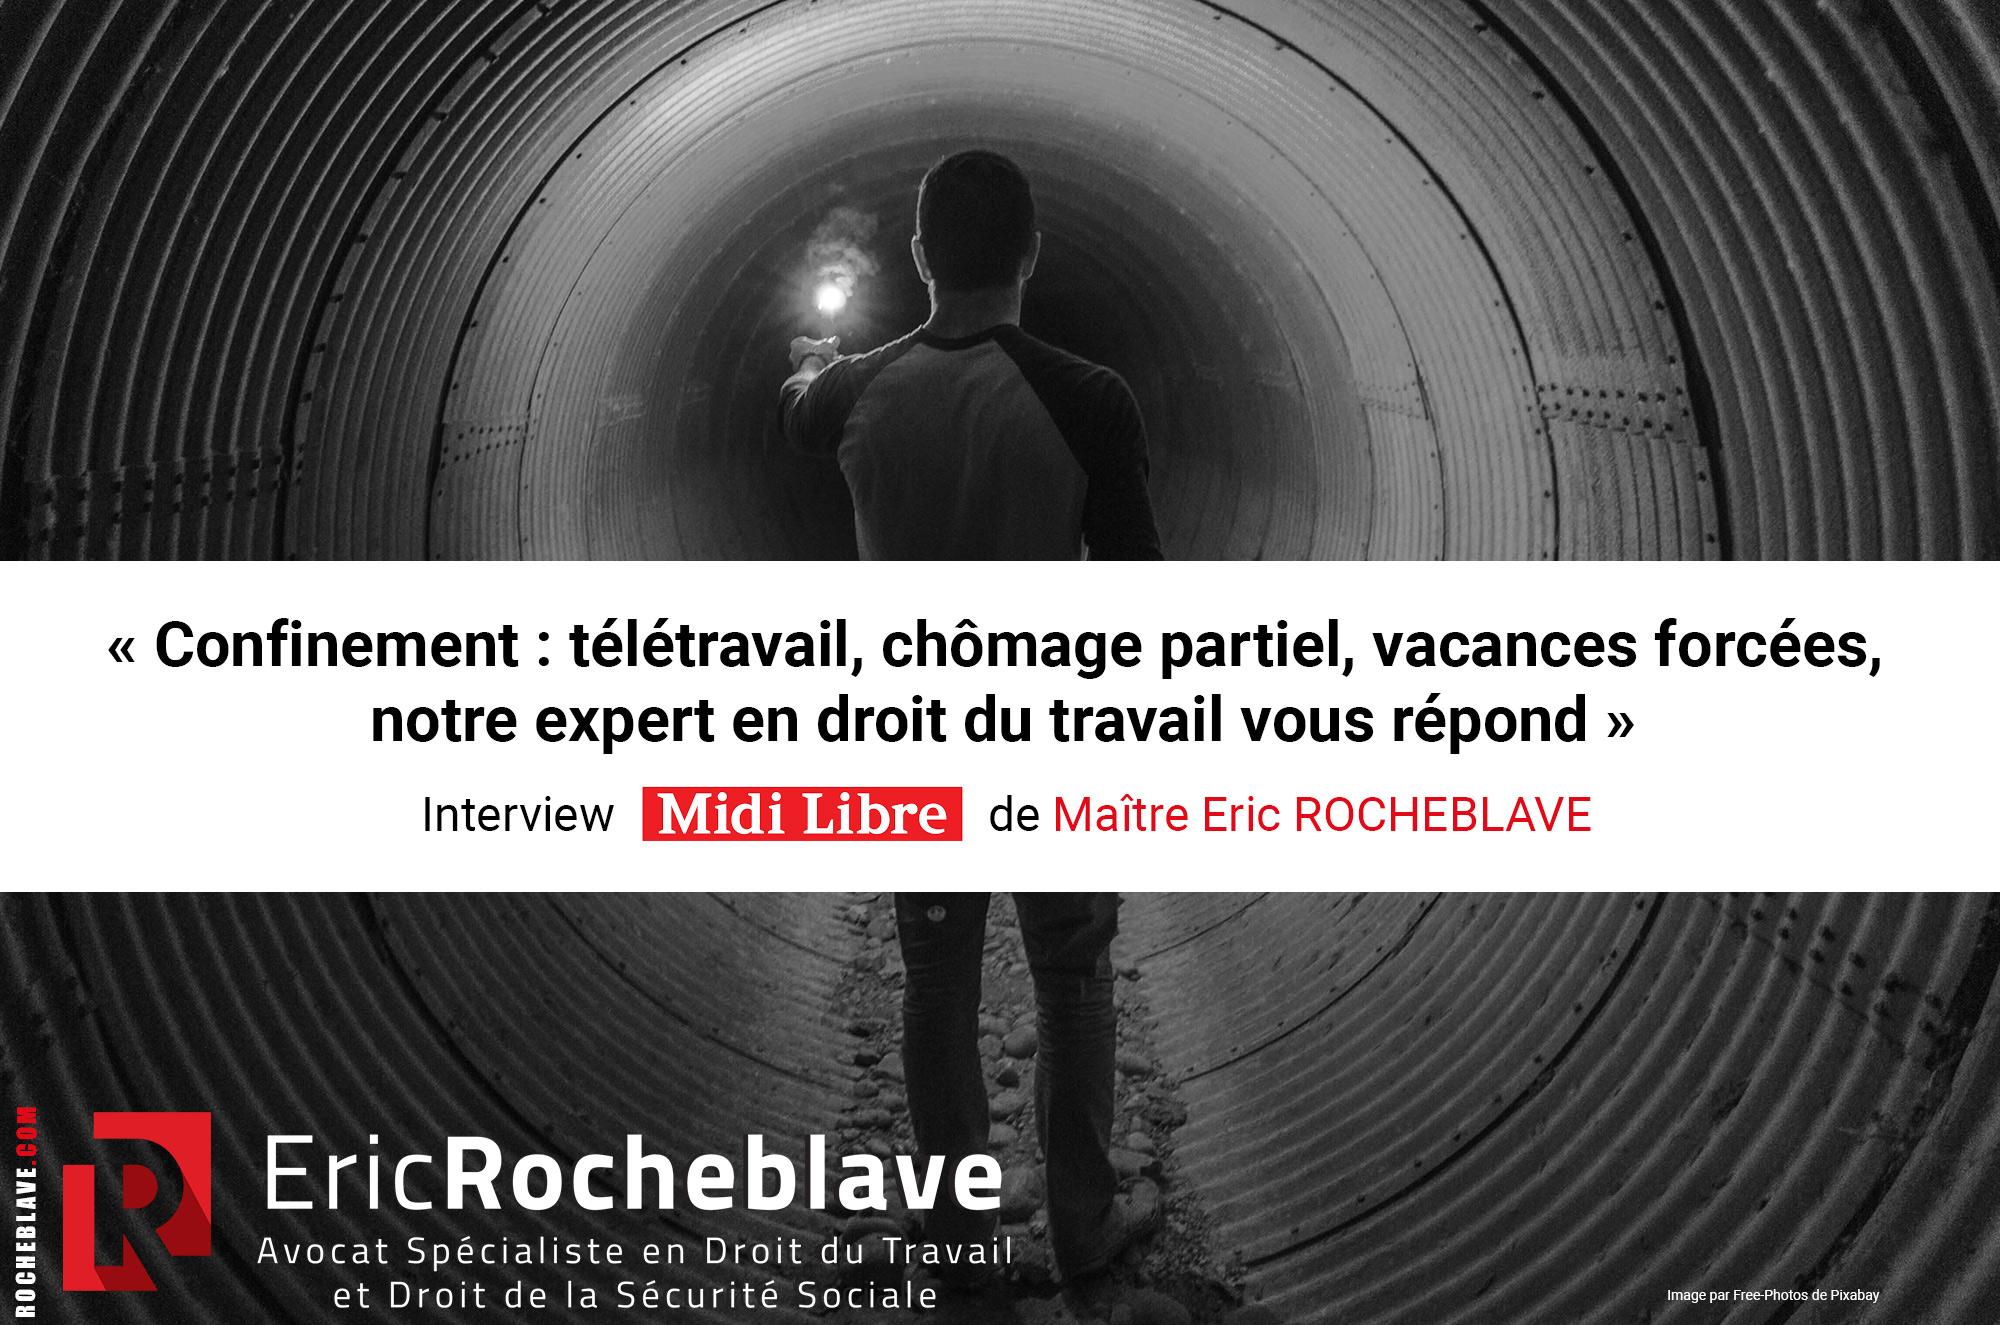 « Confinement : télétravail, chômage partiel, vacances forcées, notre expert en droit du travail vous répond » Interview Midi Libre de Maître Eric ROCHEBLAVE